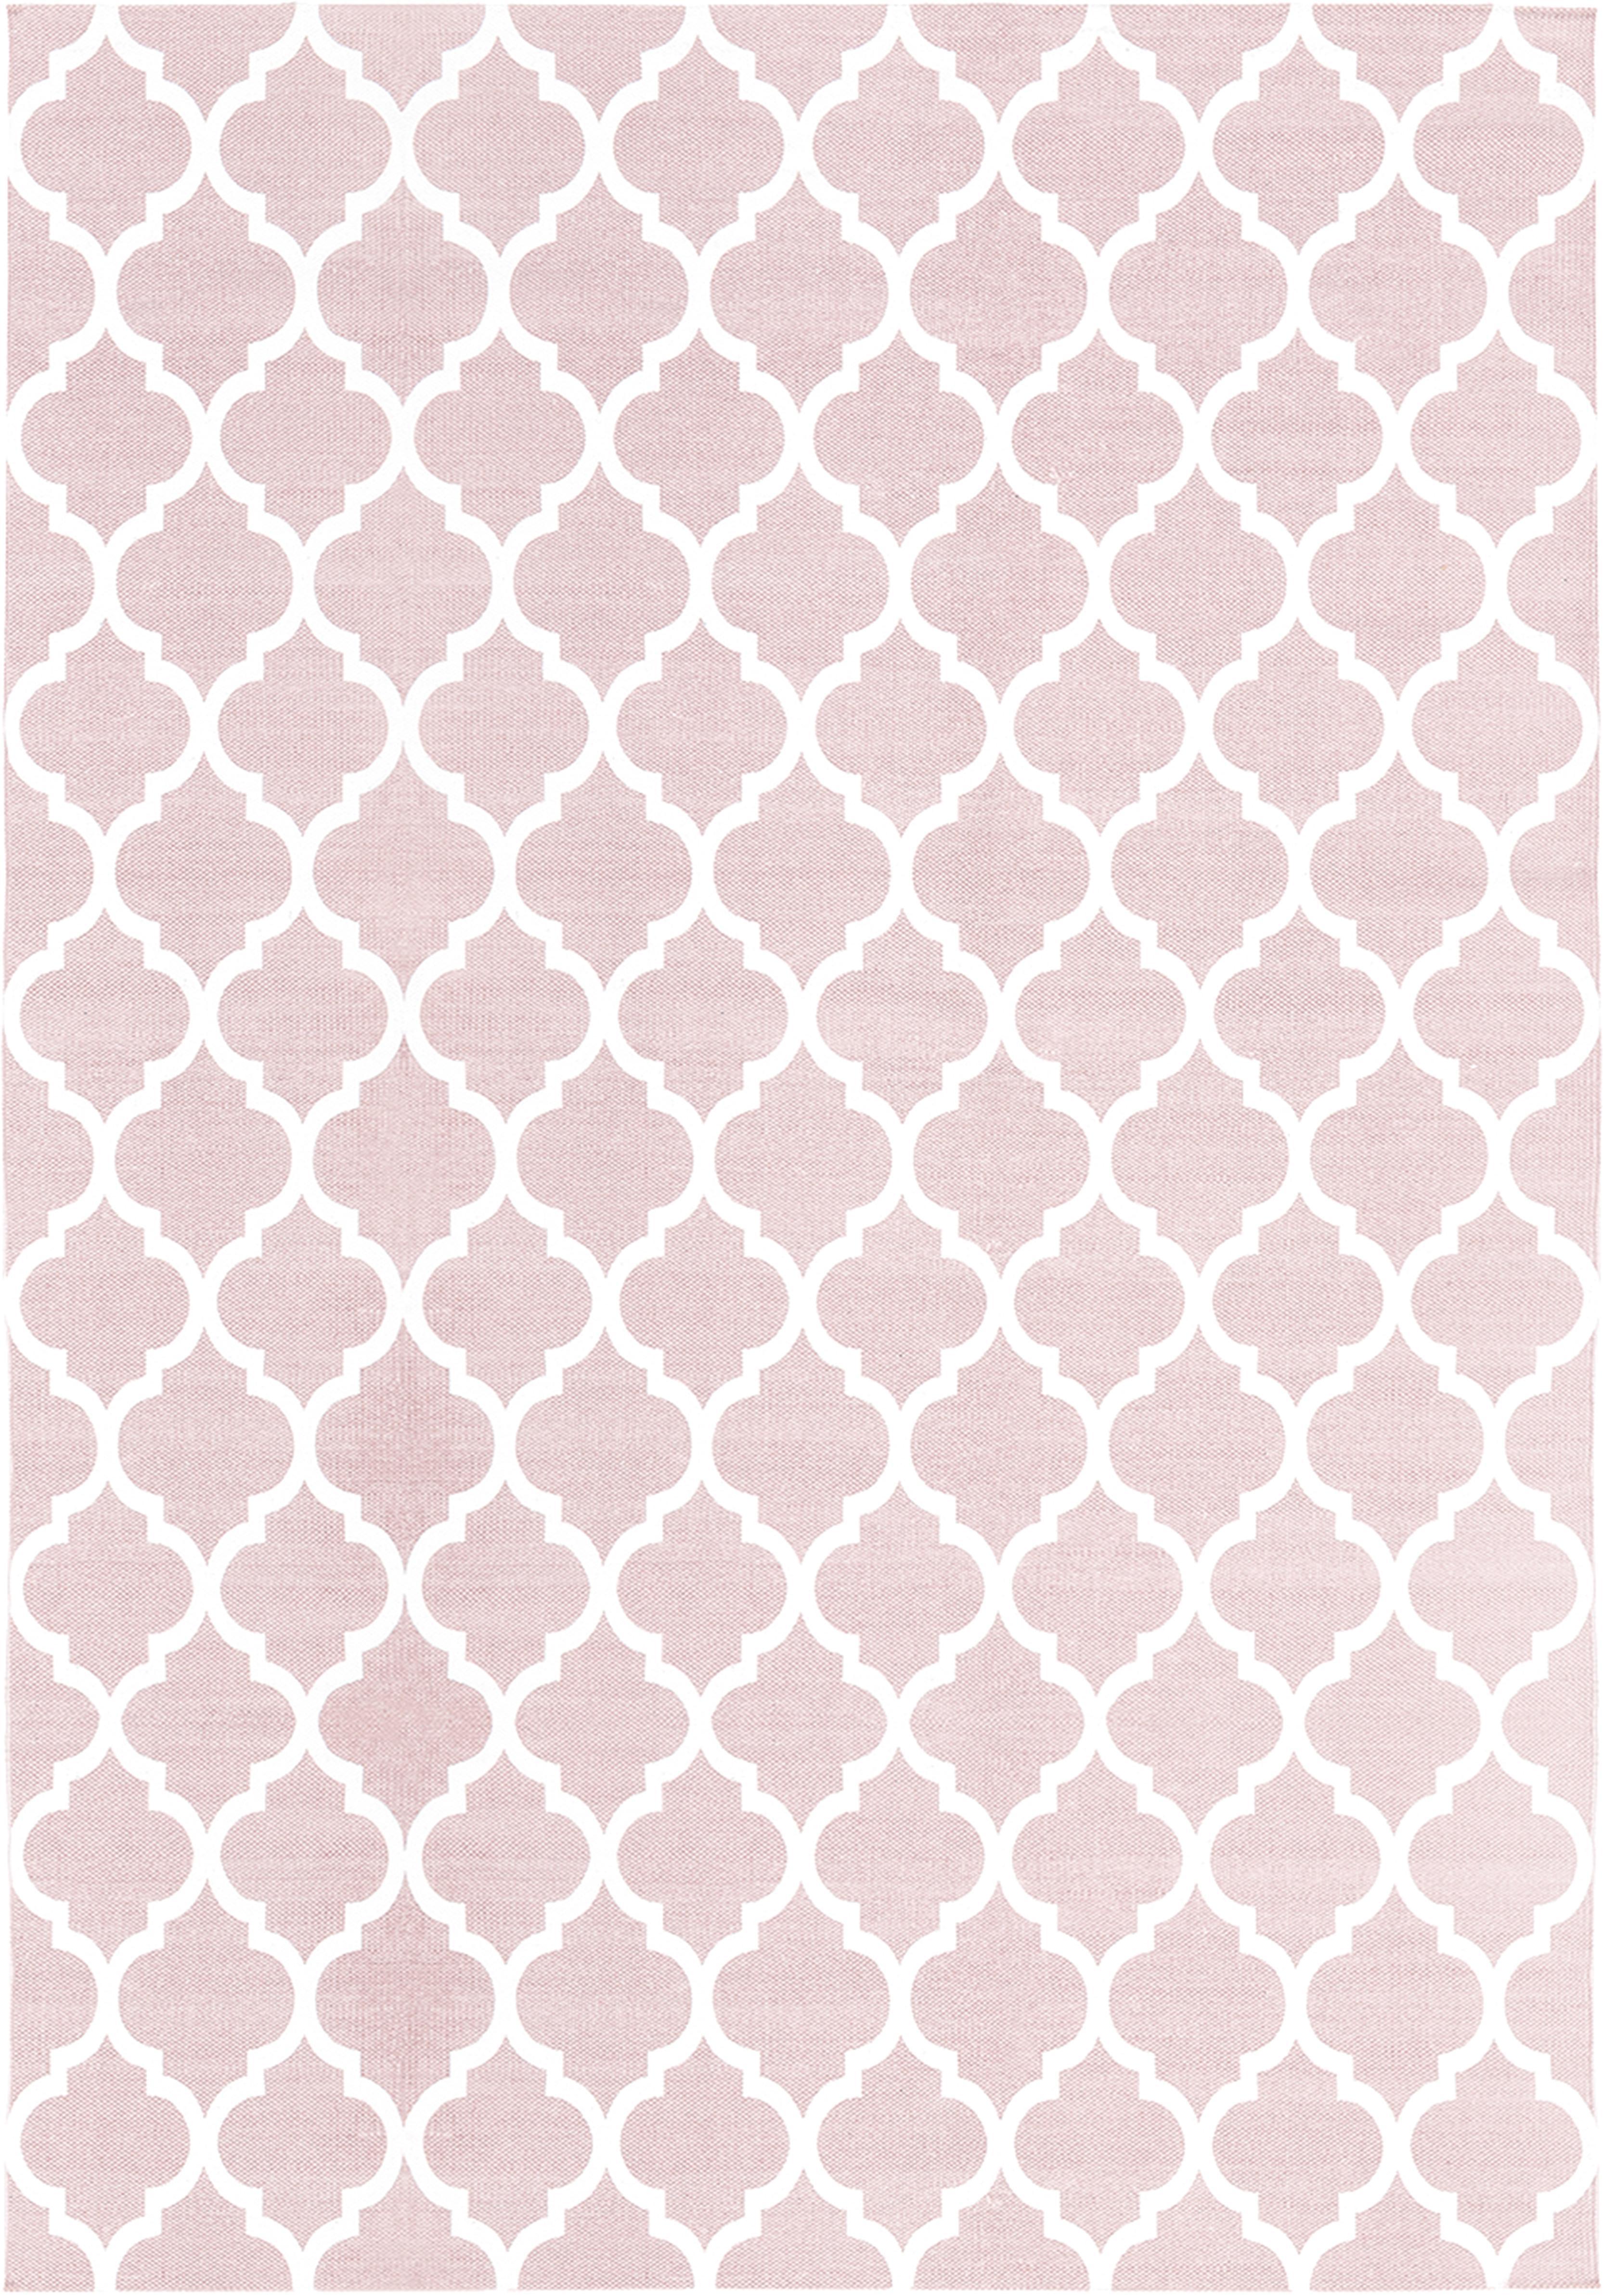 Flachgewebter Baumwollteppich Amira in Rosa/Weiss, 100% Baumwolle, Rosa, Cremeweiss, B 160 x L 230 cm (Grösse M)